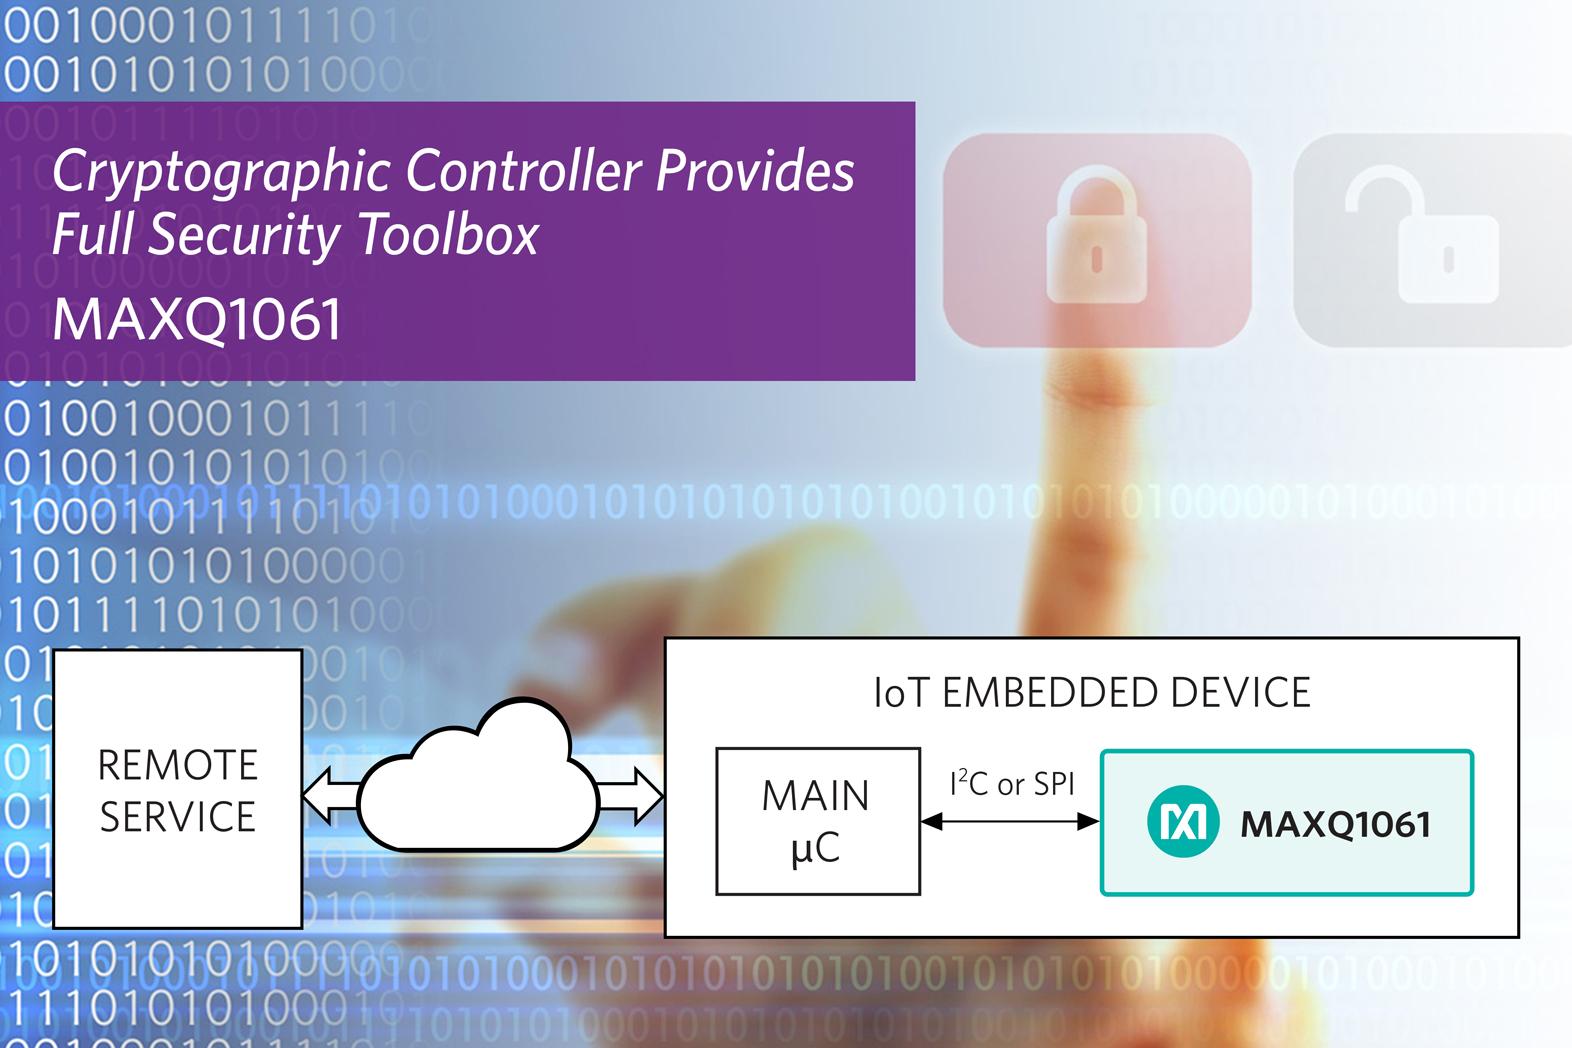 Kryptografie-Controller bietet schlüsselfertige Sicherheit für vernetzte Geräte